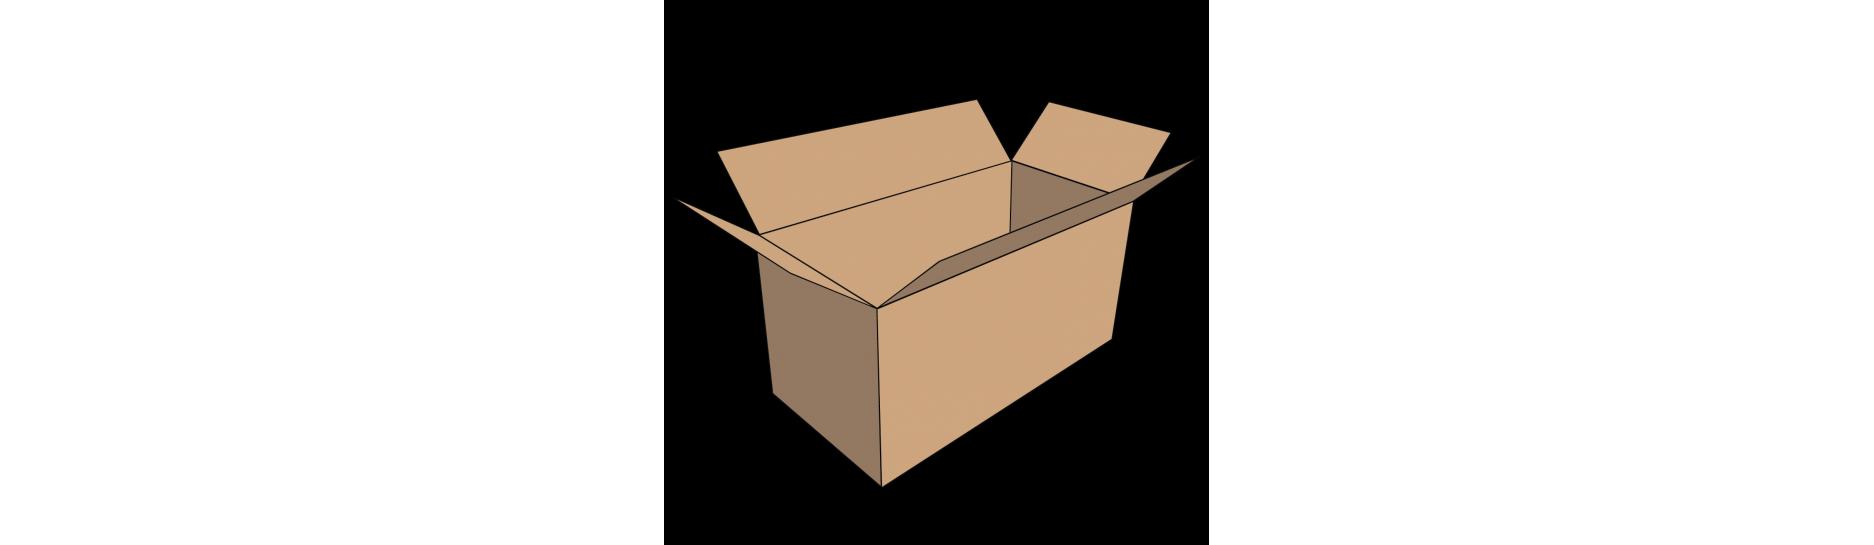 Kartonové krabice 3vrstvé a 5vrstvé vlnité lepenky. Nabízíme velmi široký sortiment kartonových krabic pro bezpečnou přepravu vašeho zboží. Rychlá expedice zboží, množstevní slevy, zboží skladem!